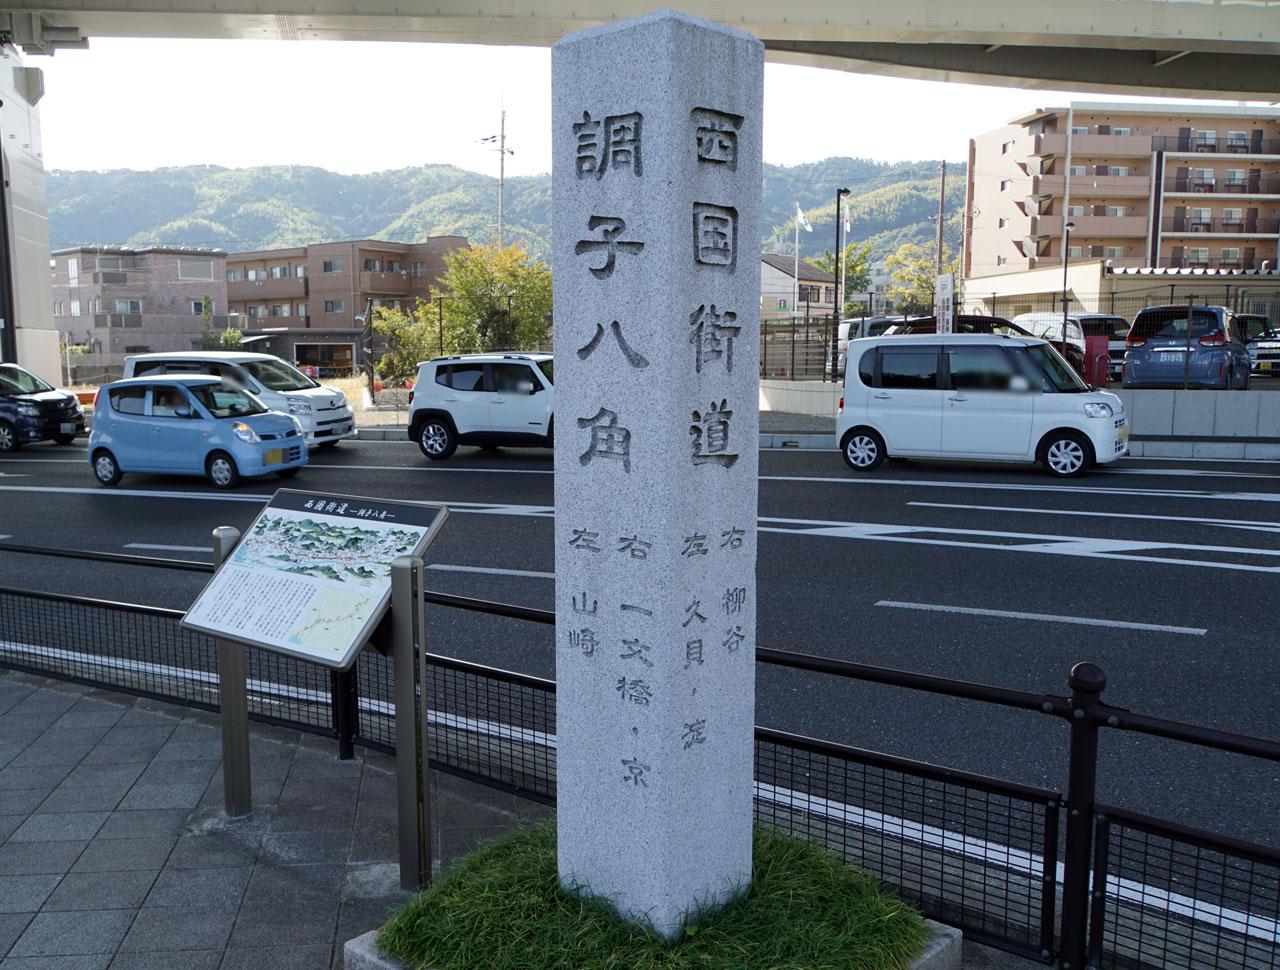 f:id:kimura_khs:20201206182421j:plain